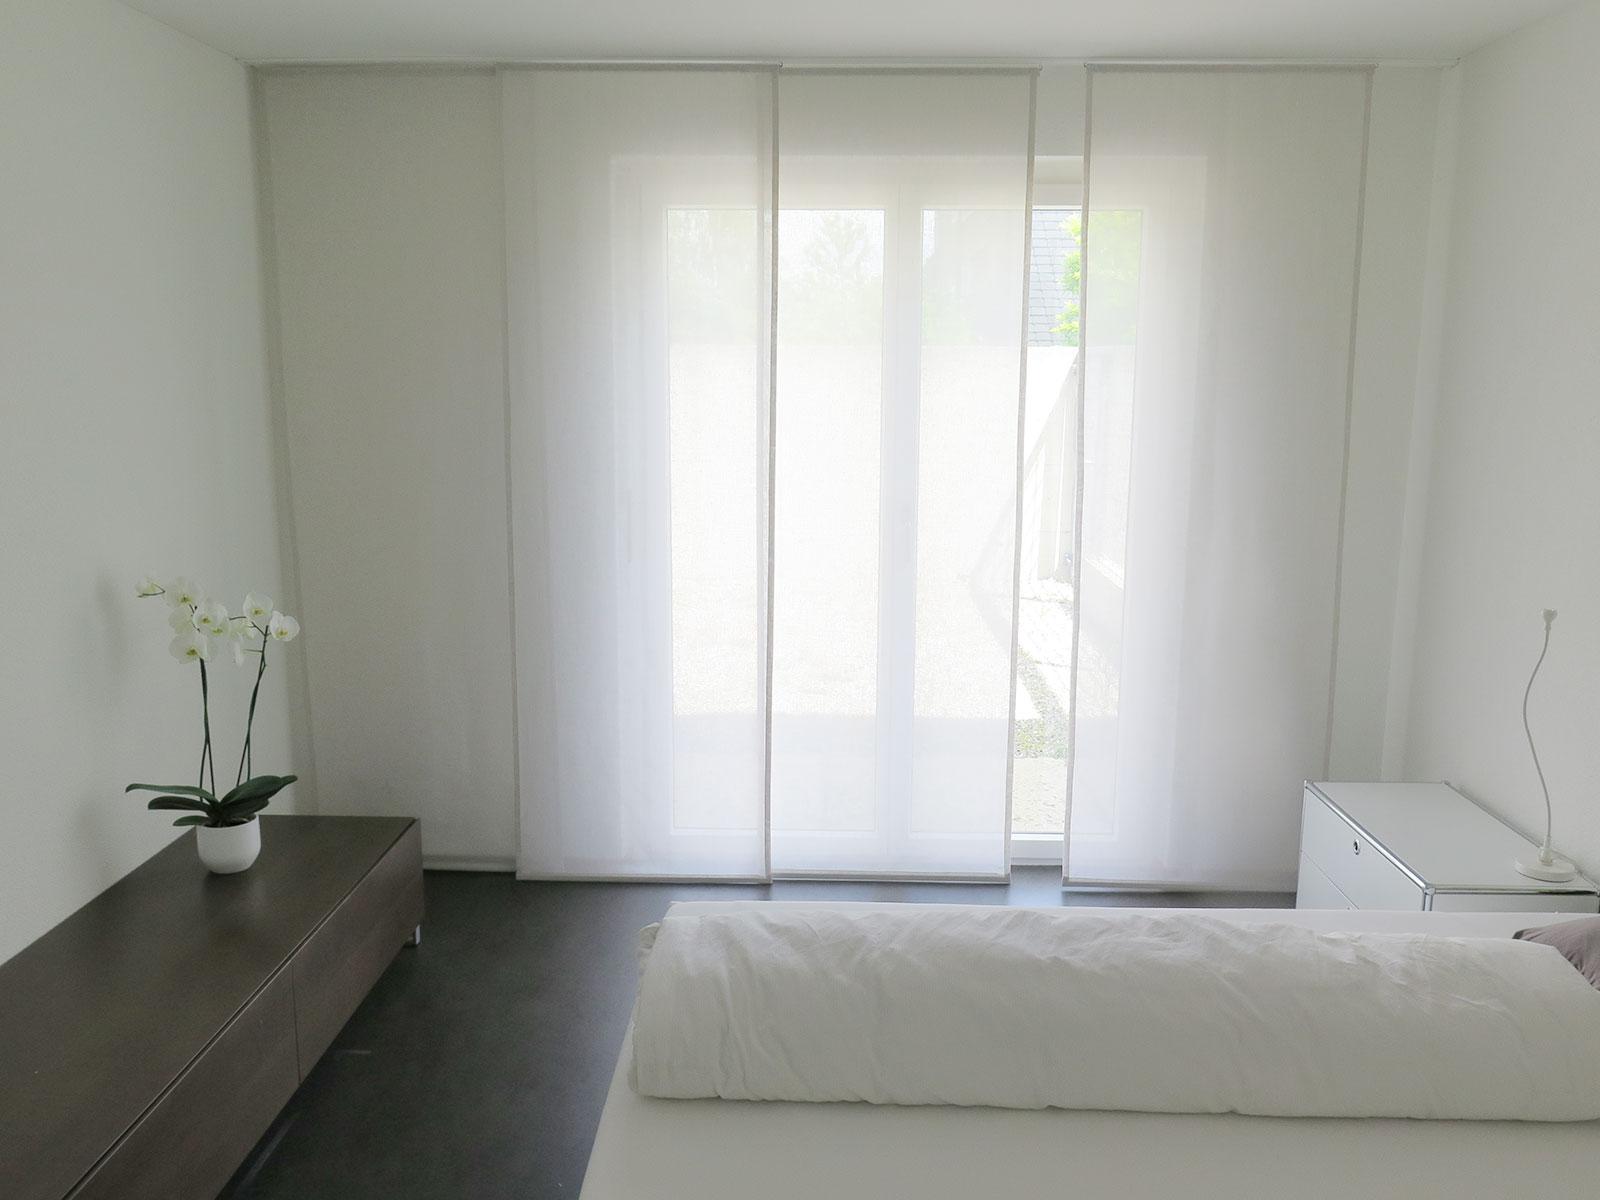 vorh nge f r schlafzimmer modern moderne schlafzimmer ikea bettw sche trocknen qvc bettdecken 4. Black Bedroom Furniture Sets. Home Design Ideas